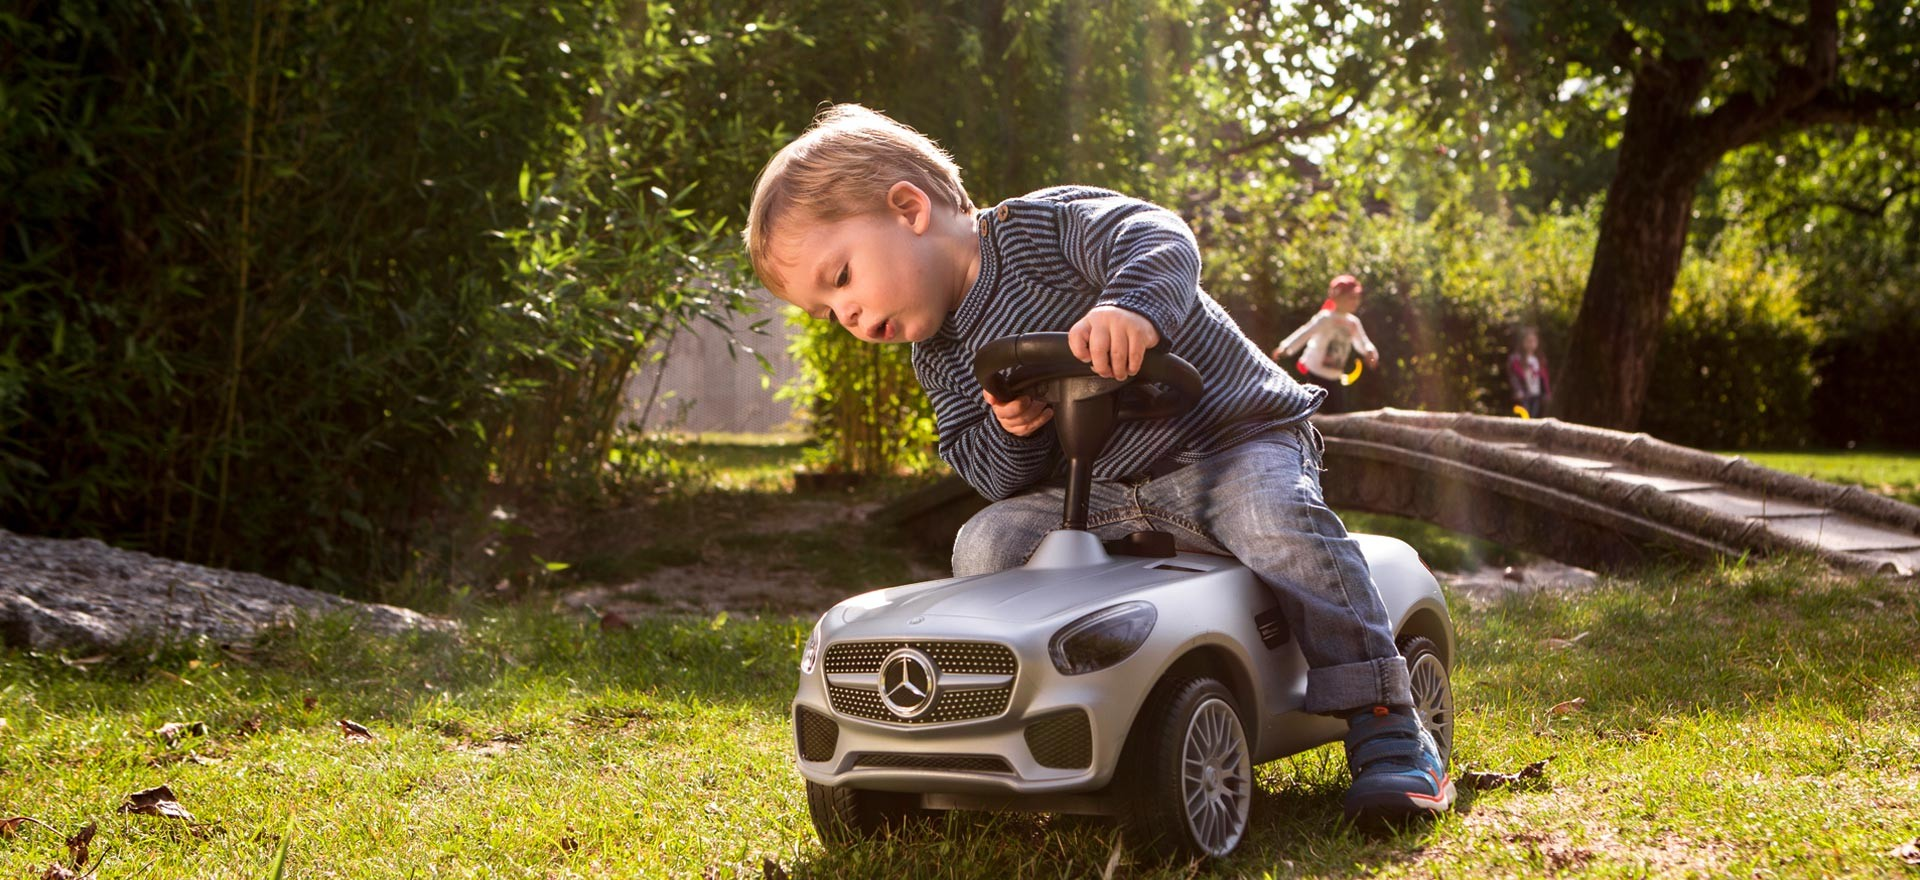 Accessori e abbigliamento della collezione Mercedes-Benz dedicata ai bambini